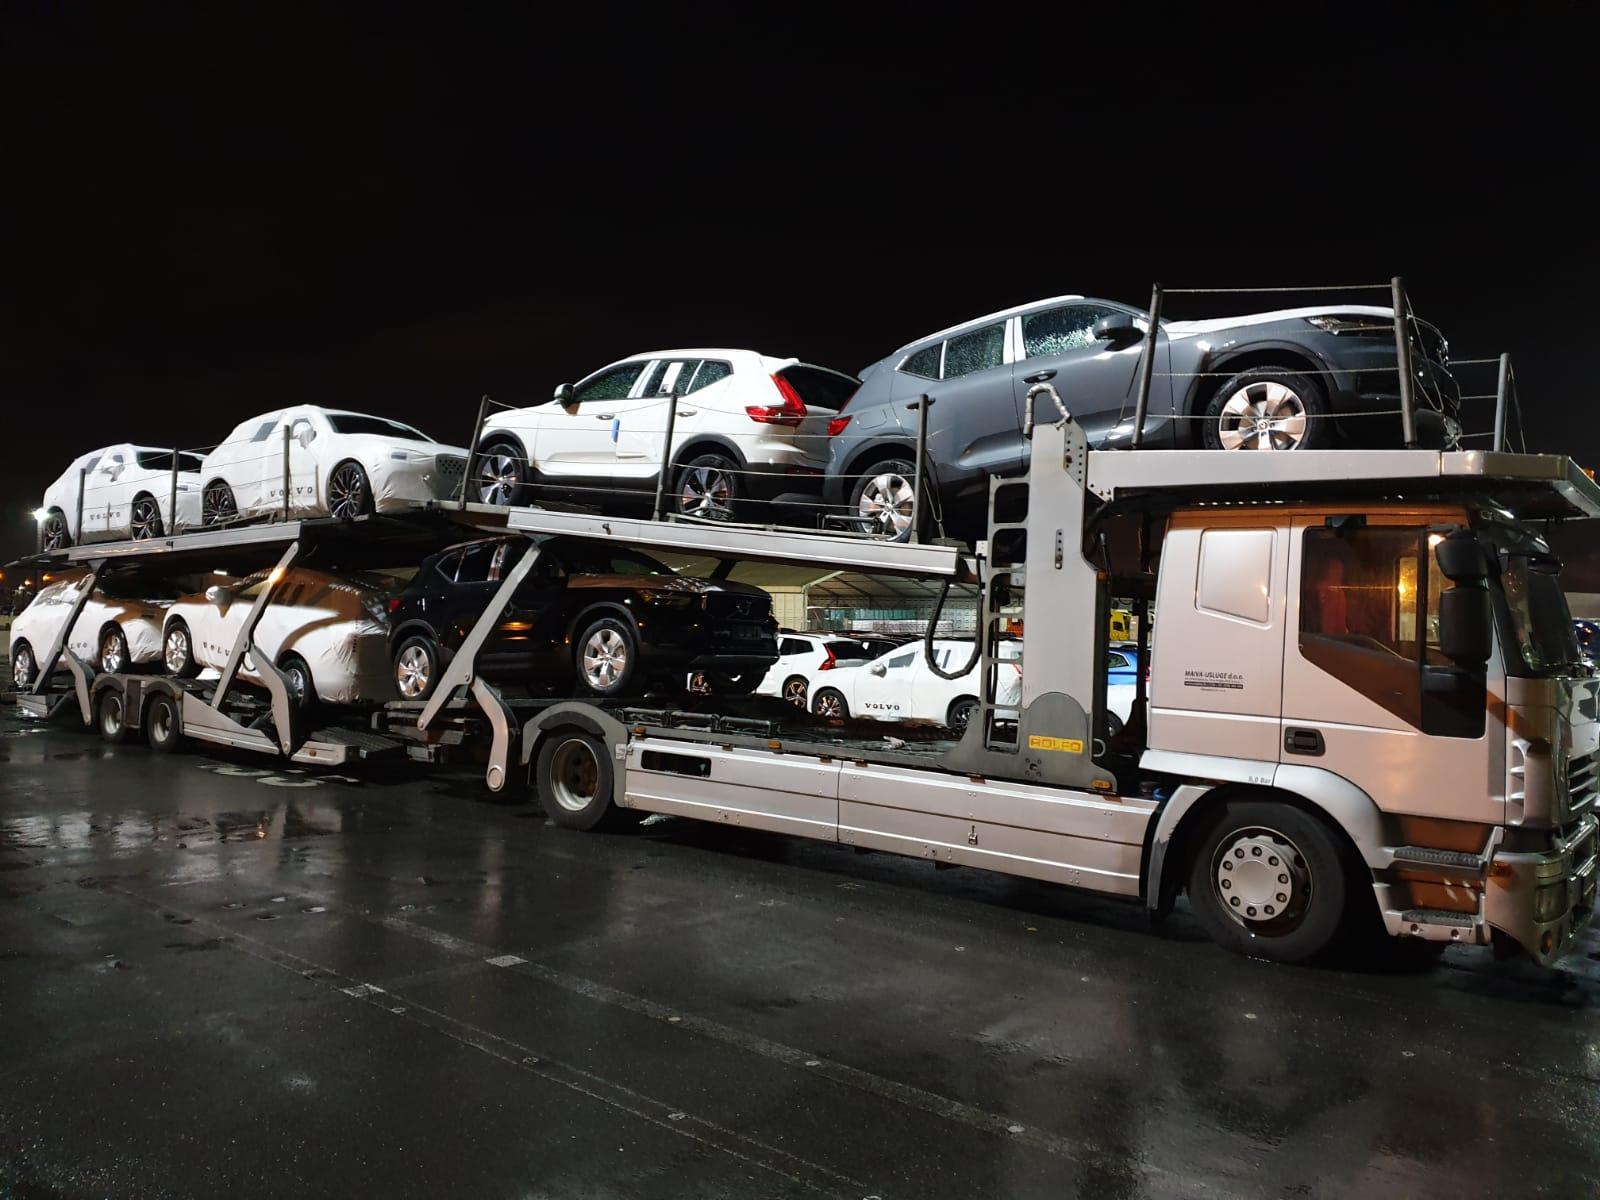 Međunarodni prijevoz vozila